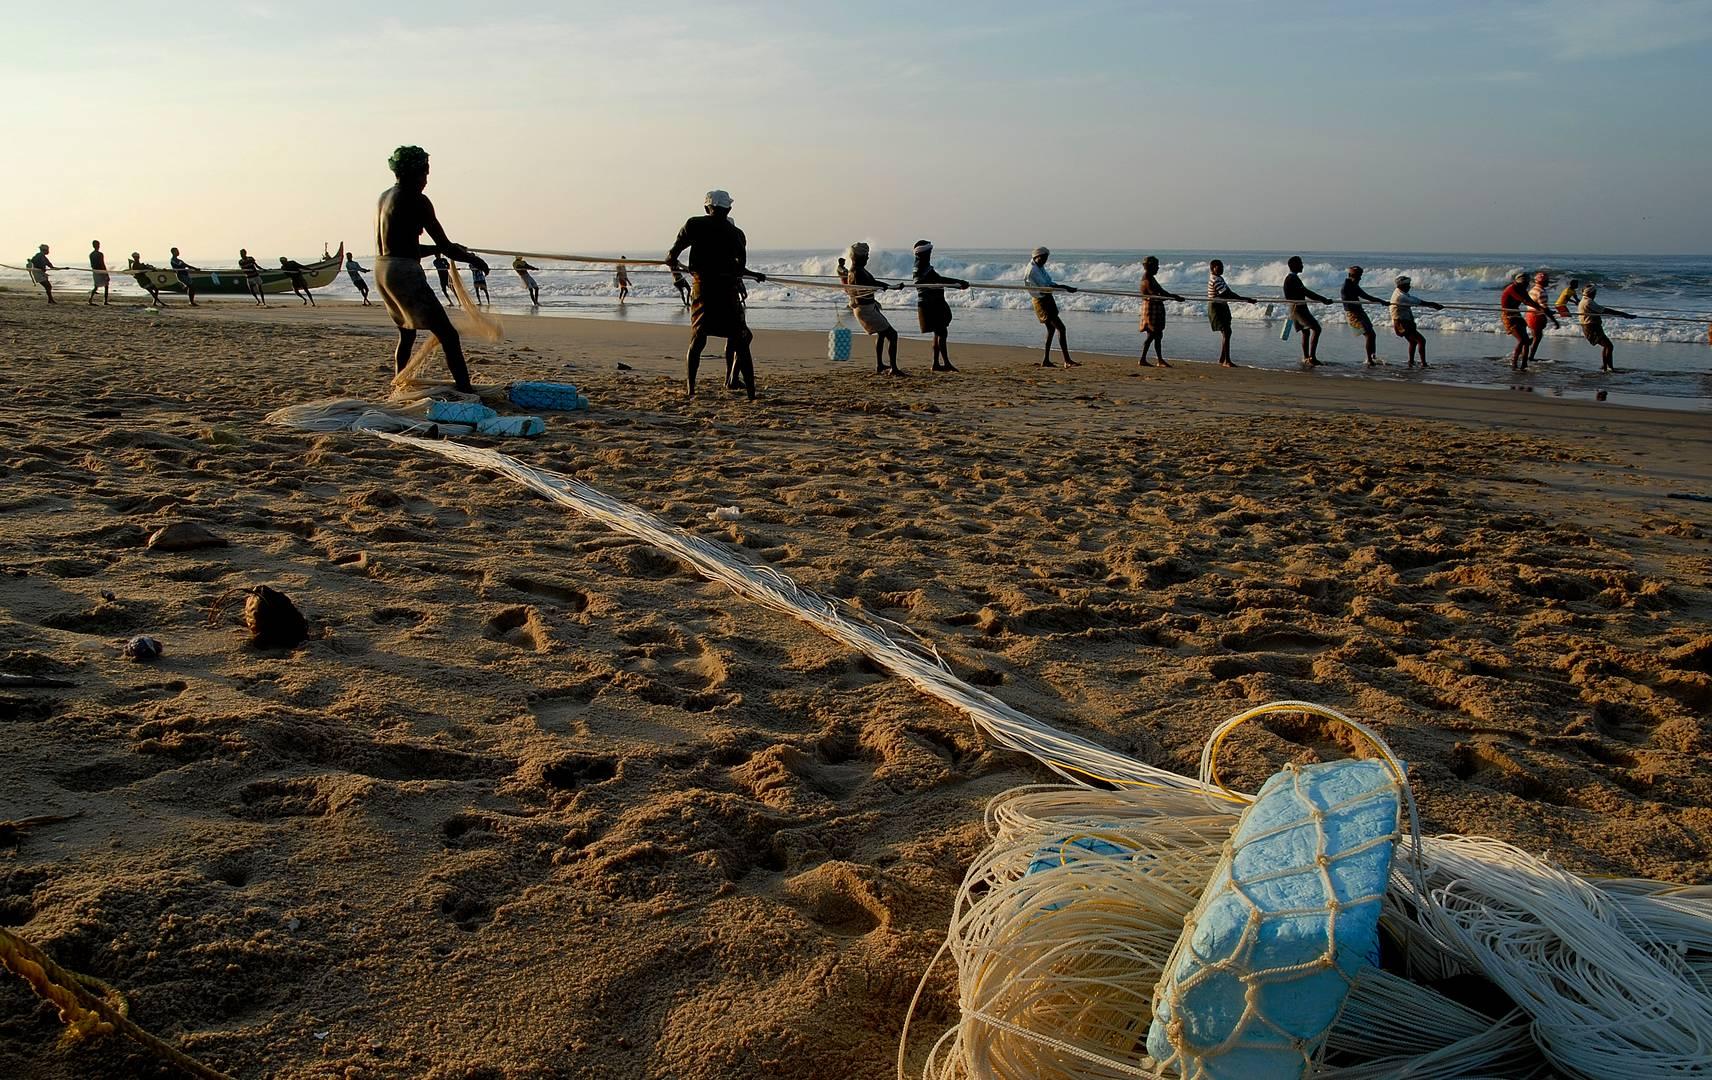 Indien - Netze werden eingeholt